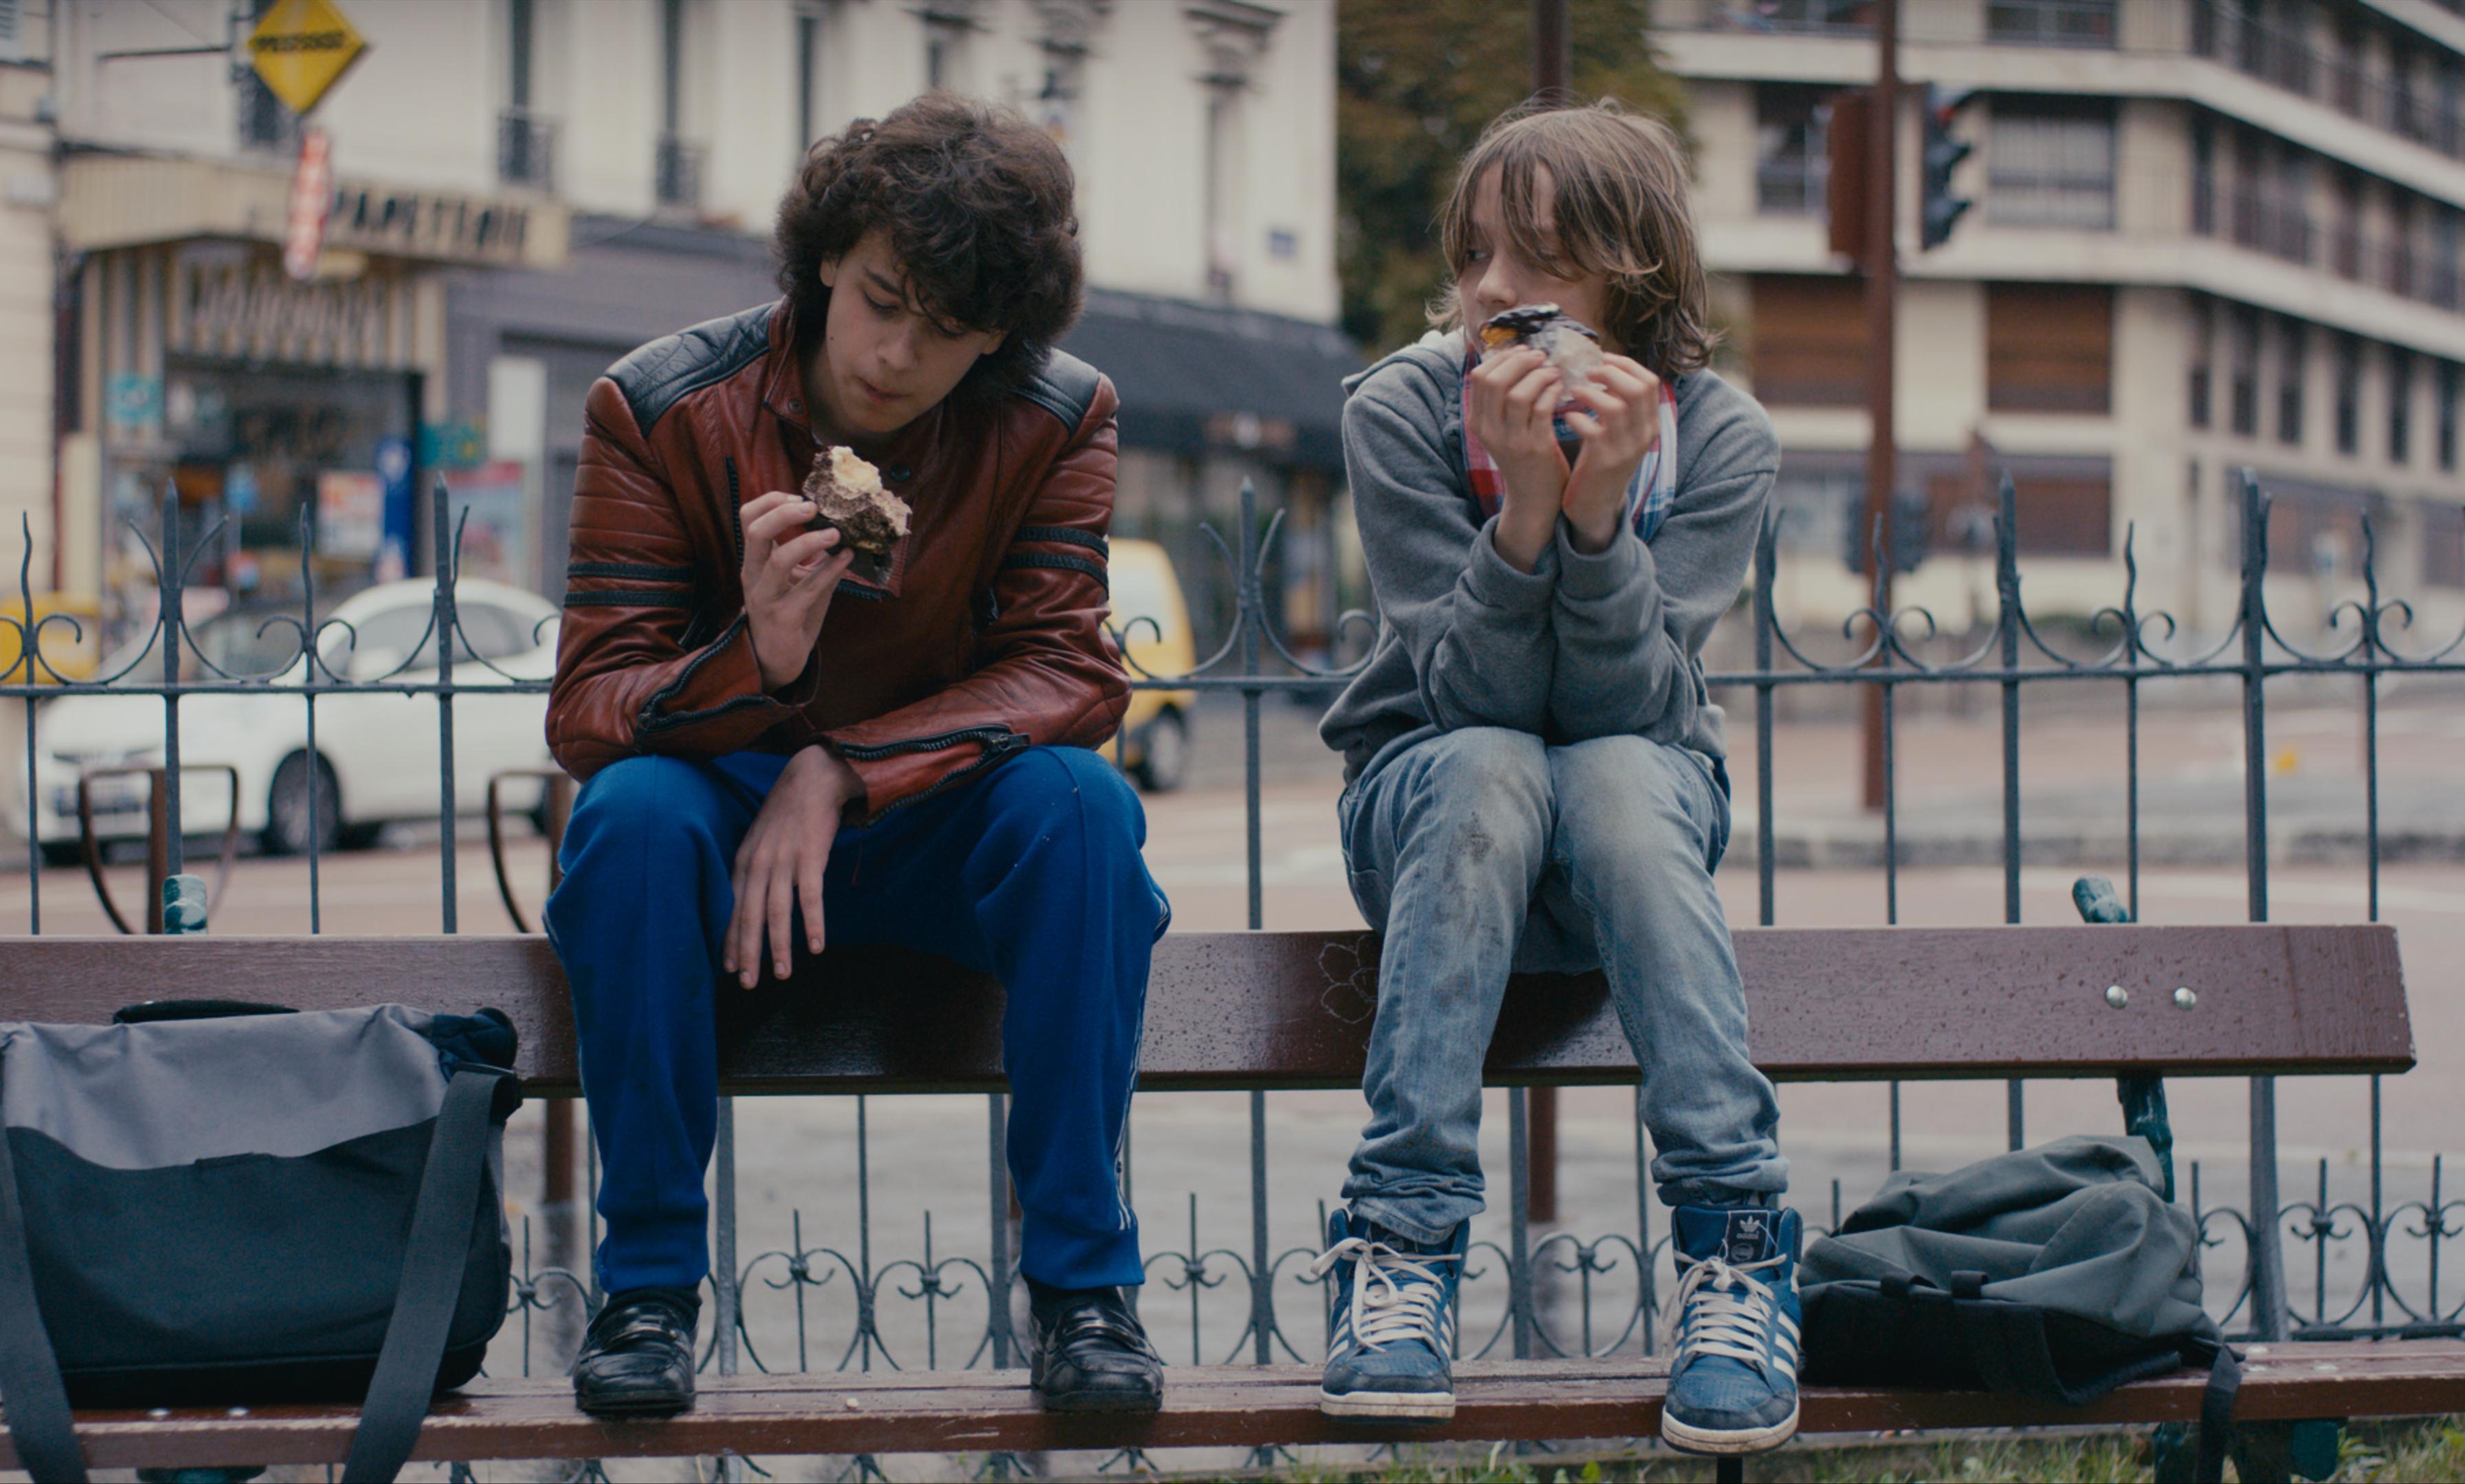 Mikro (Ange Dargent) und Sprit (Théophile Baquet) wollen die Sommerferien unbedingt ohne die nervigen Eltern verbringen.